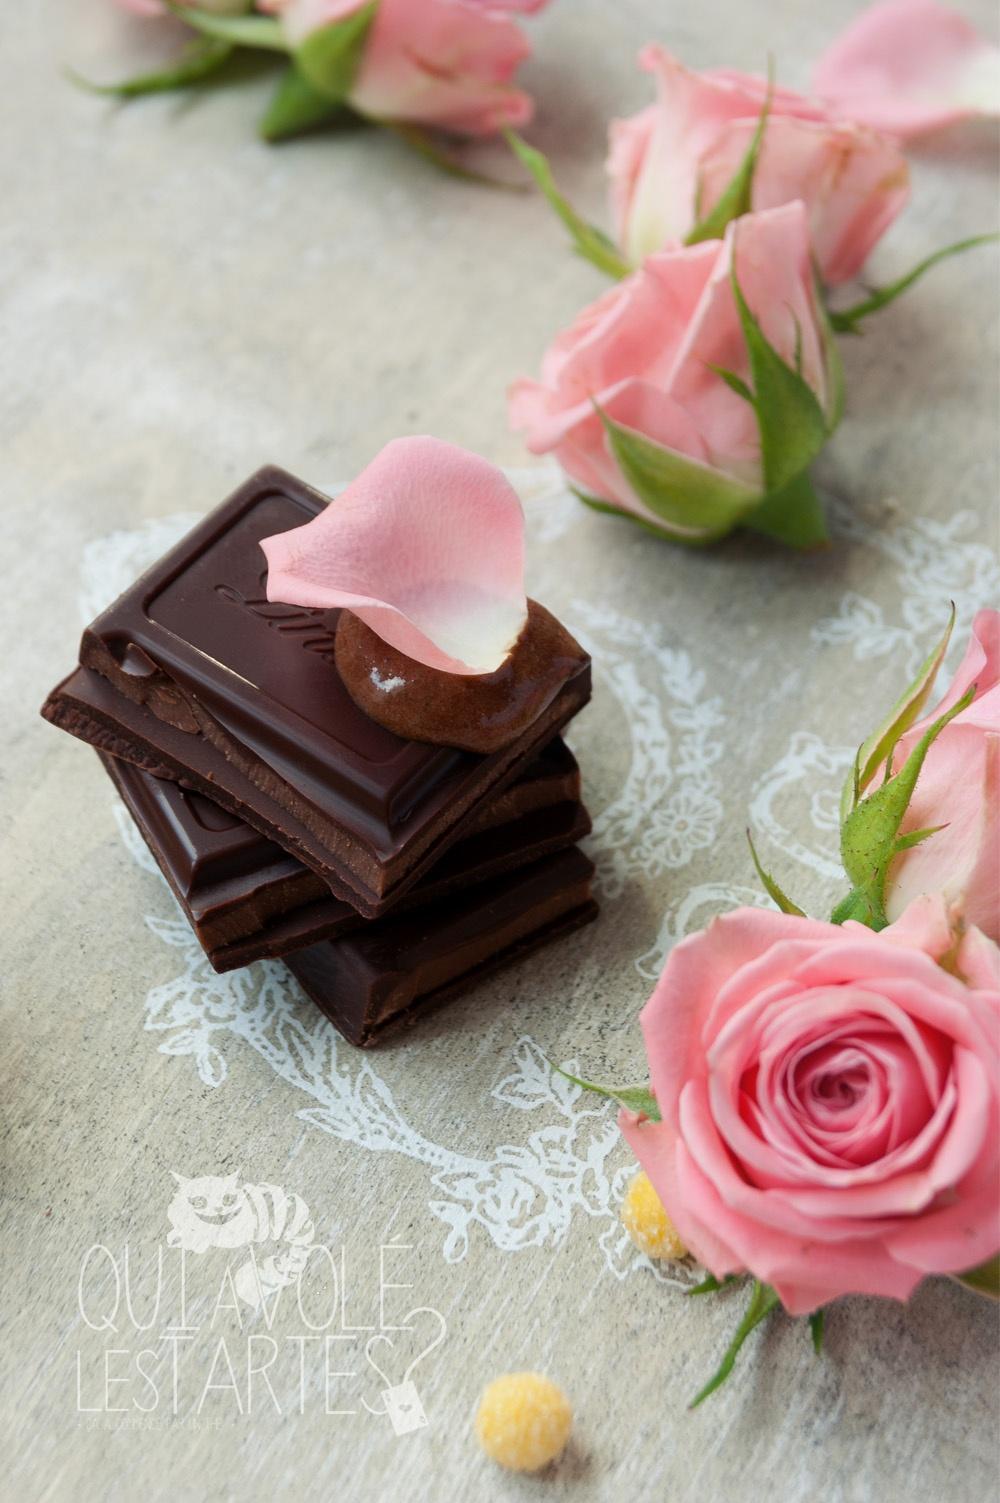 La jardinière - Mousse au chocolat - Qui a volé les tartes - Studio de création